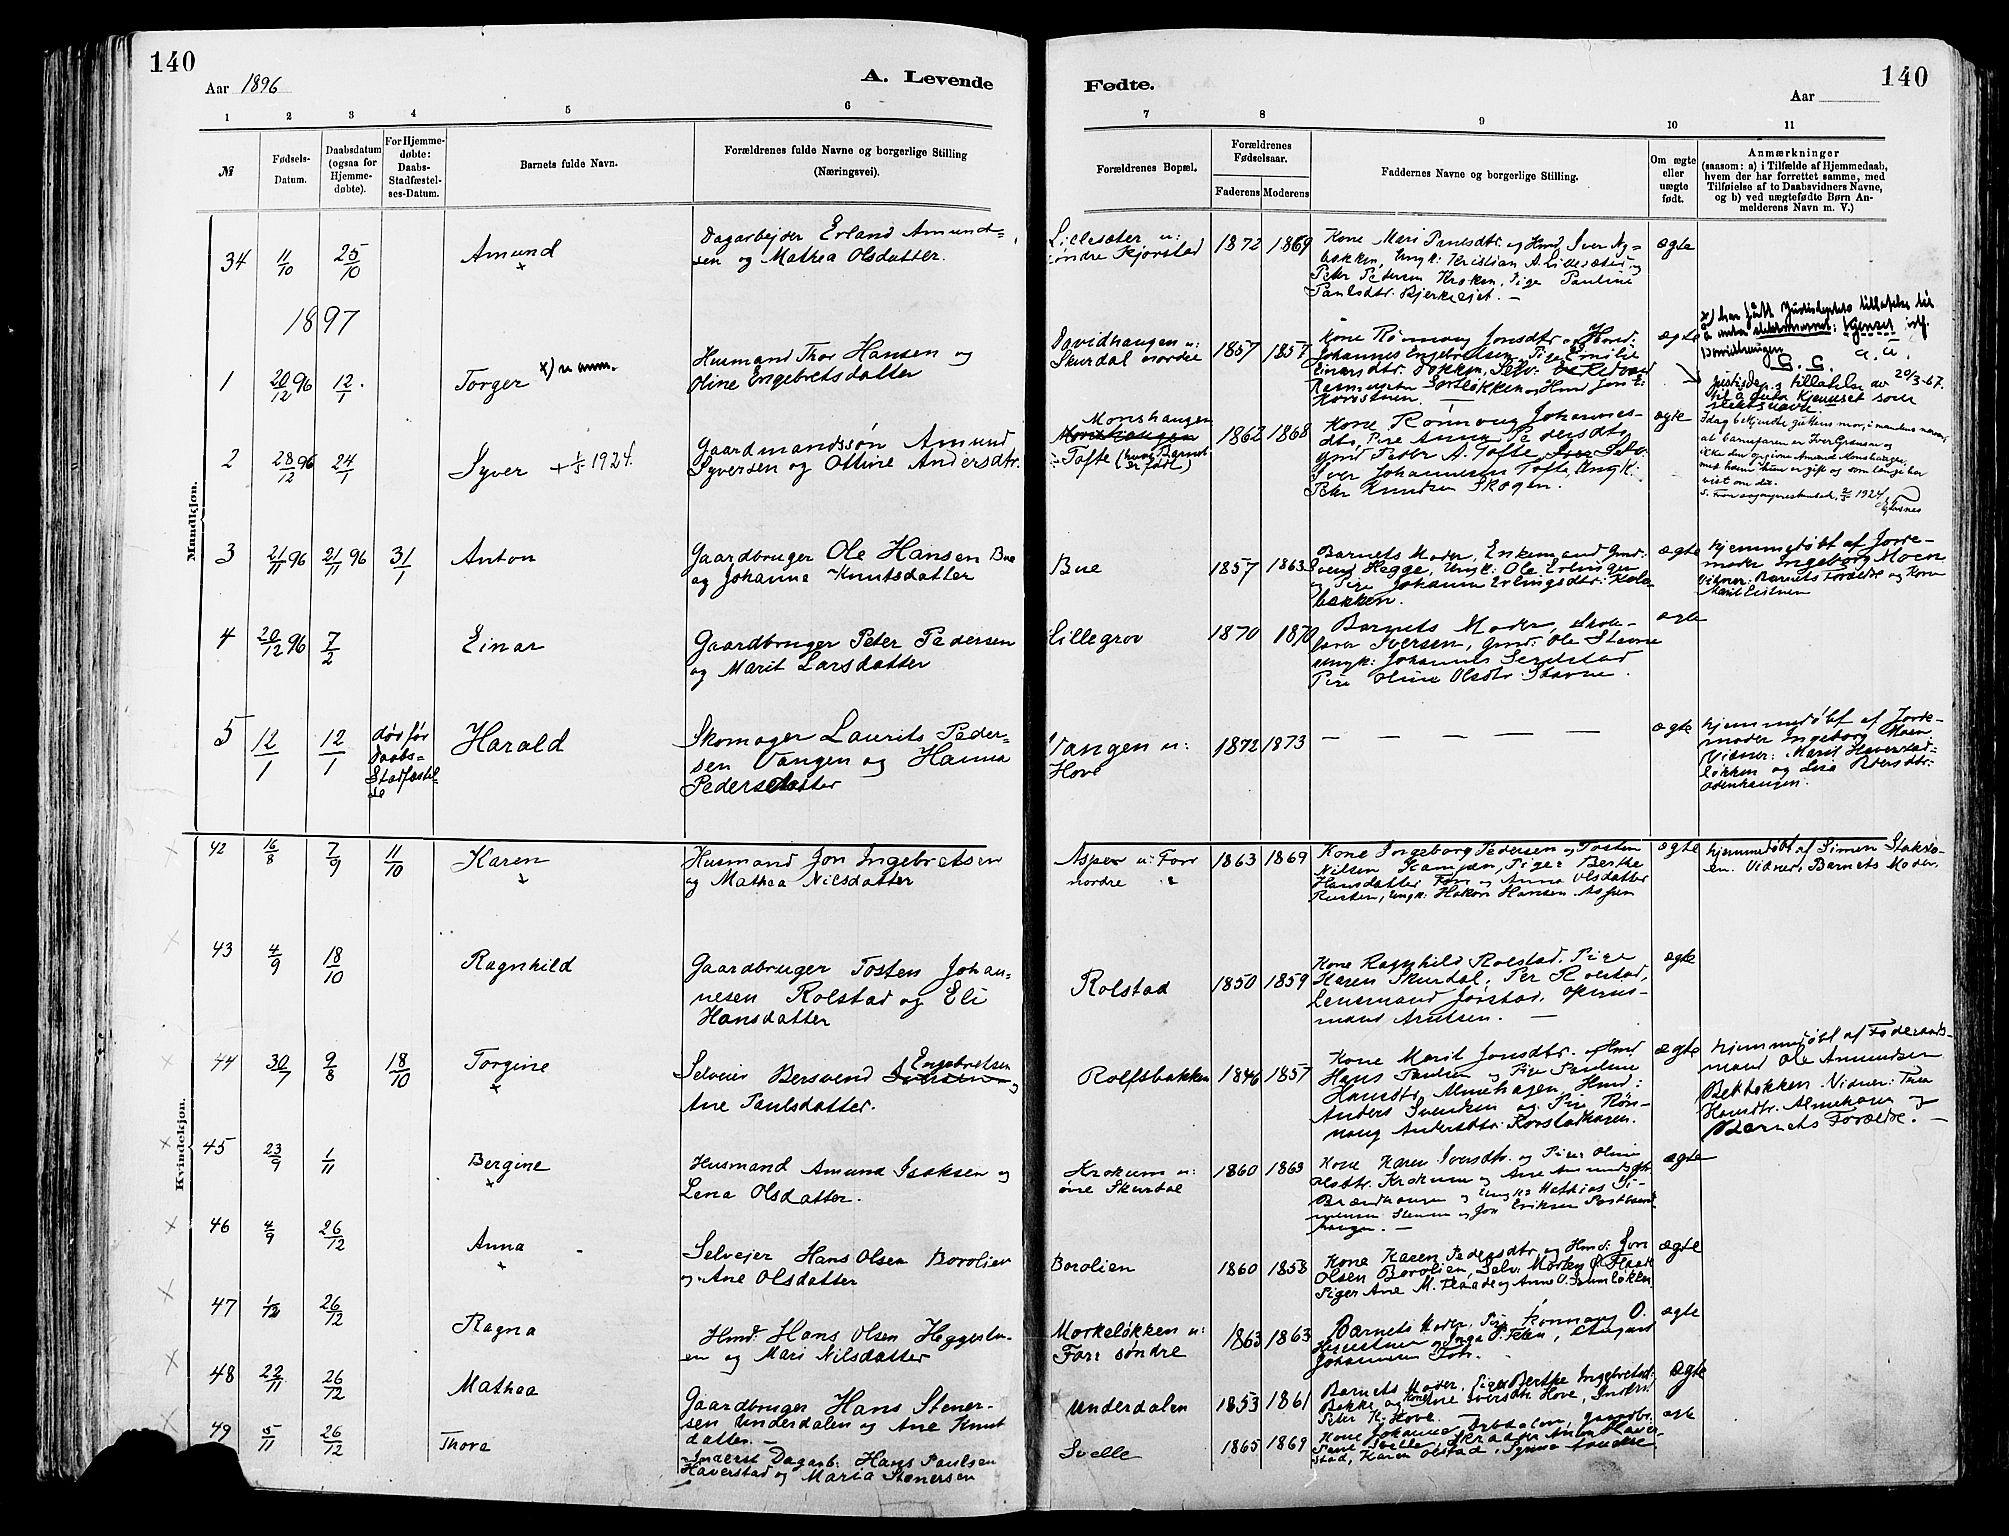 SAH, Sør-Fron prestekontor, H/Ha/Haa/L0003: Ministerialbok nr. 3, 1881-1897, s. 140